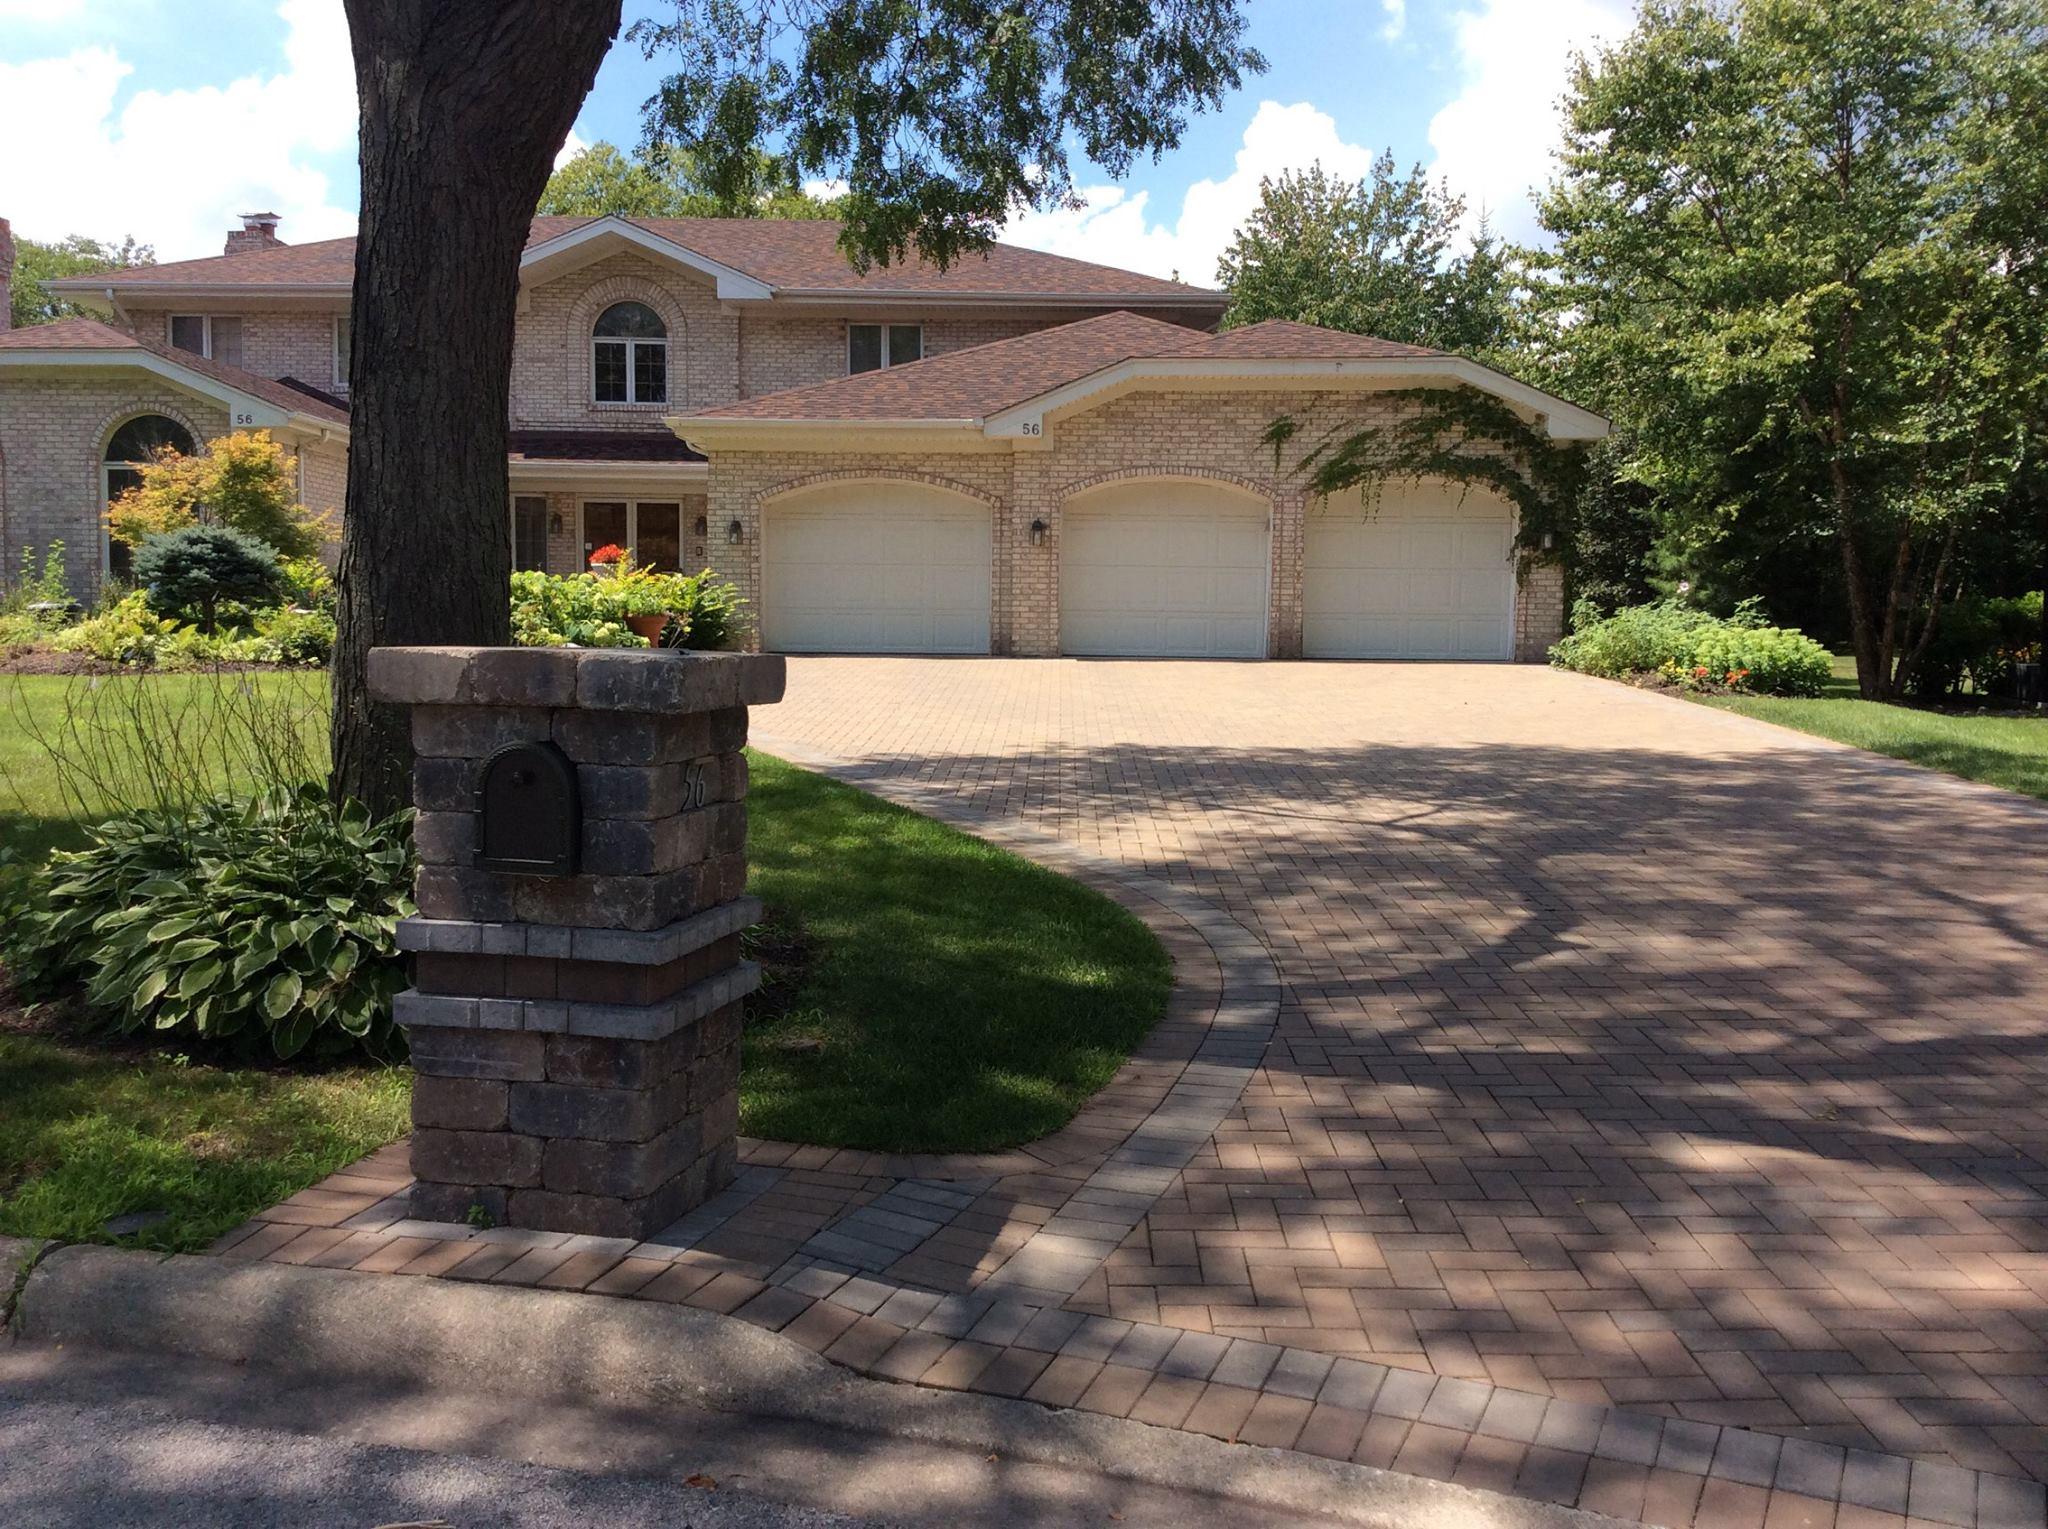 Landscape construction - brick driveway in Plainfield, Illinois